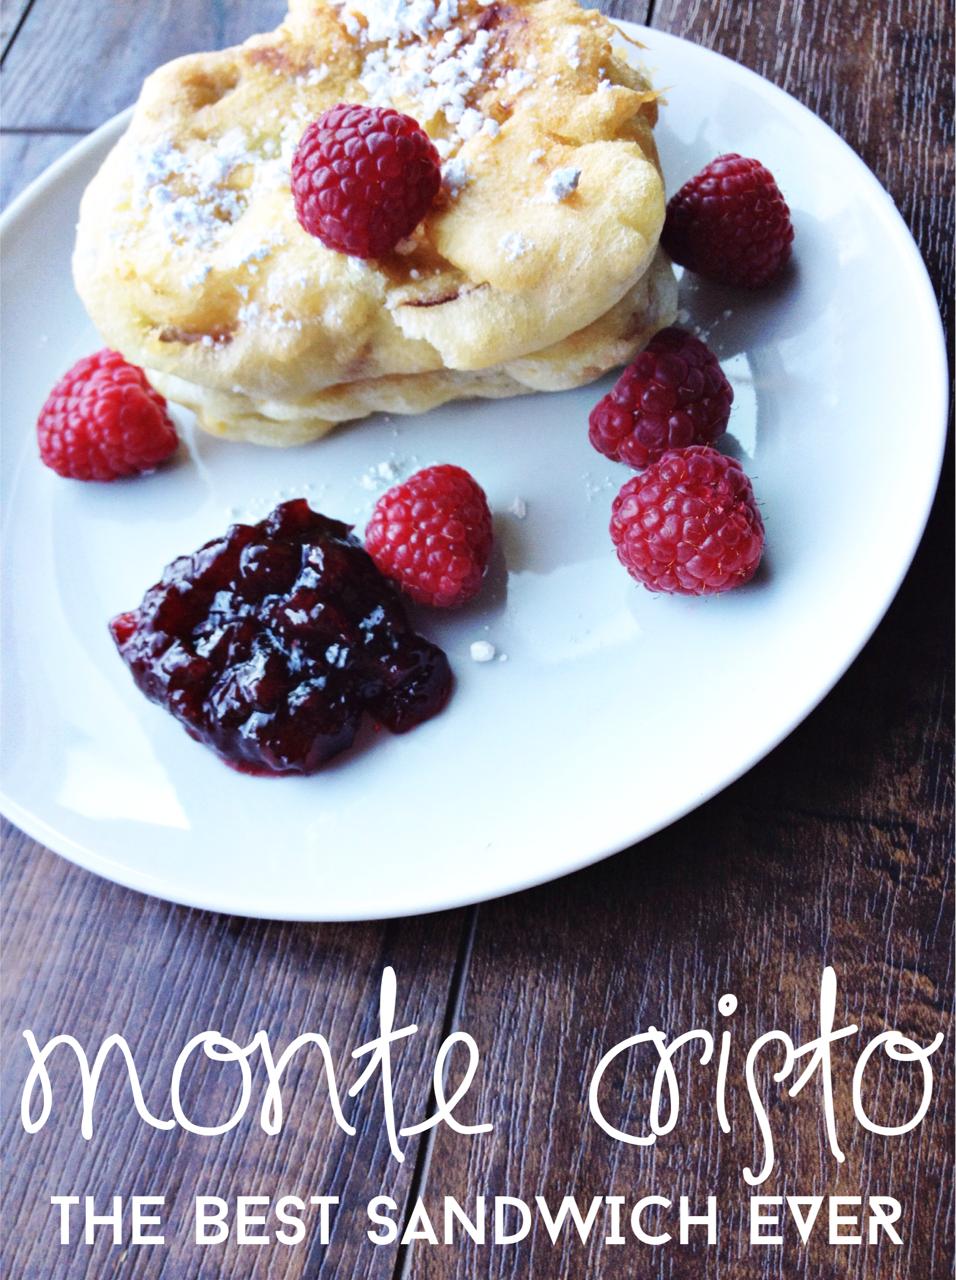 Monte Cristo Sandwiches That Mama Gretchen